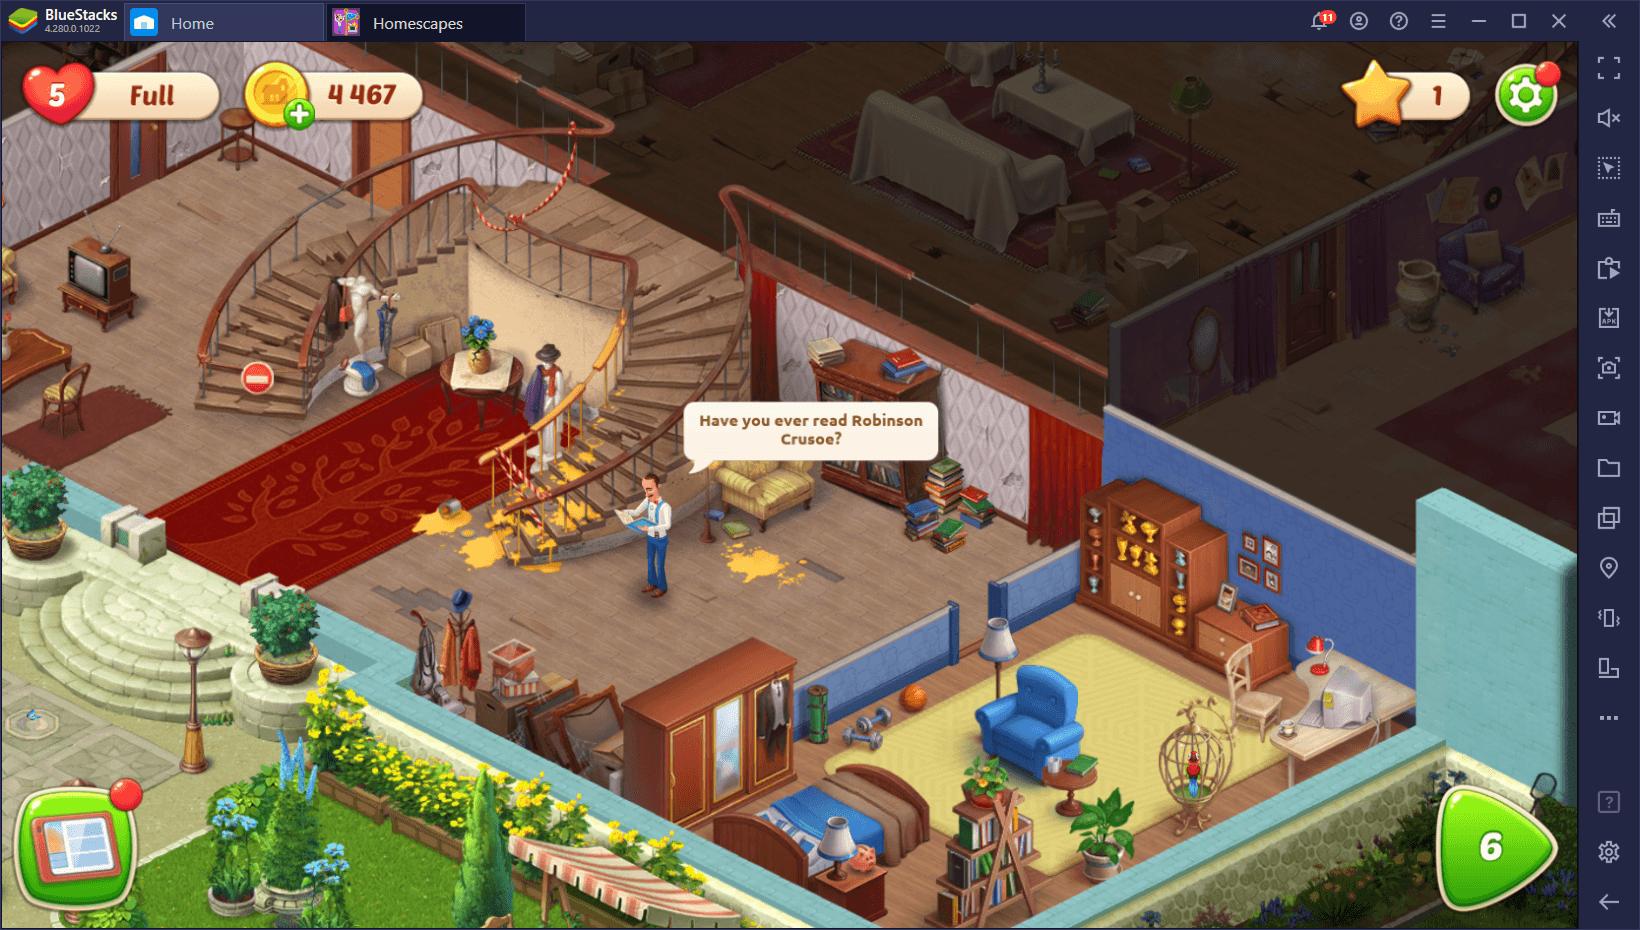 Homescapes – So verwendest du die BlueStacks-Funktionen in diesem 3-Gewinnt-Spiel